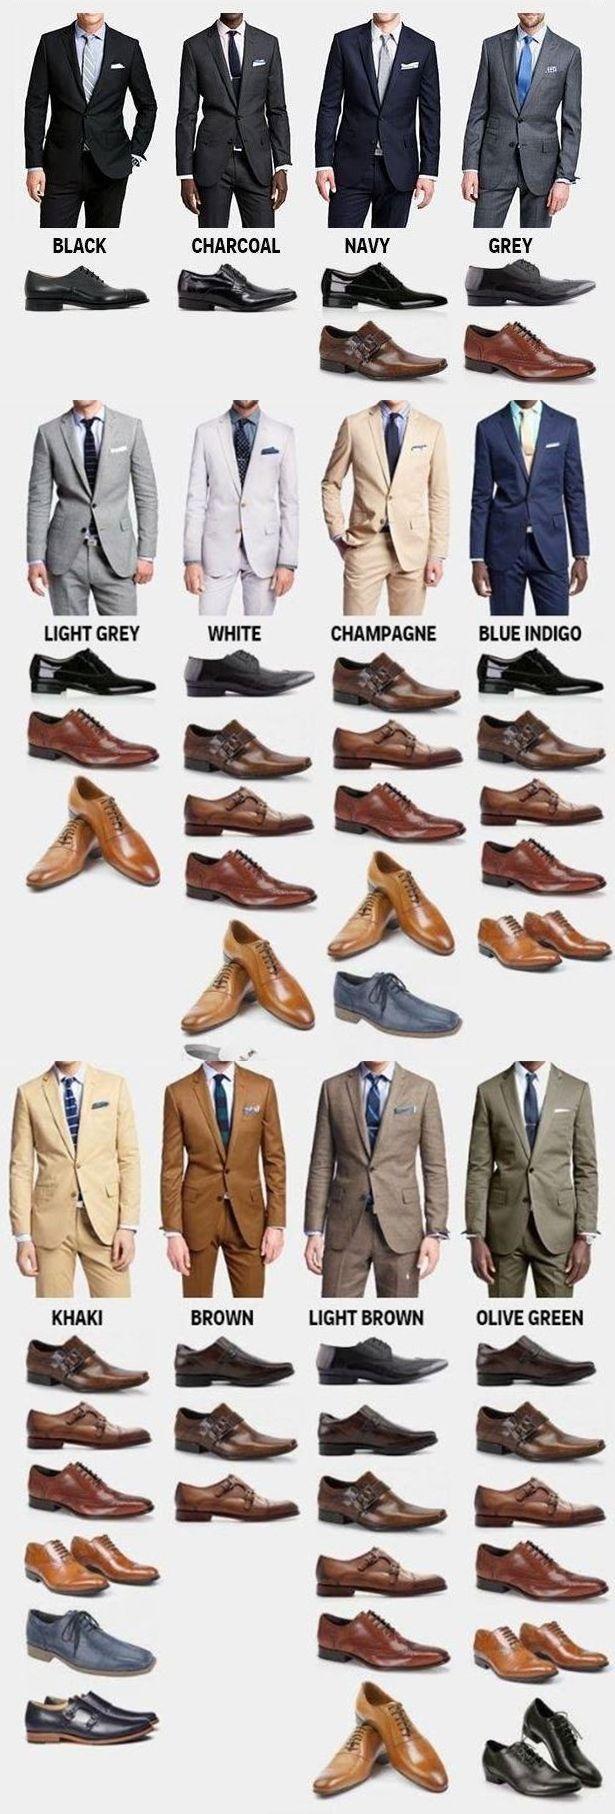 남자의 양복과 구두!